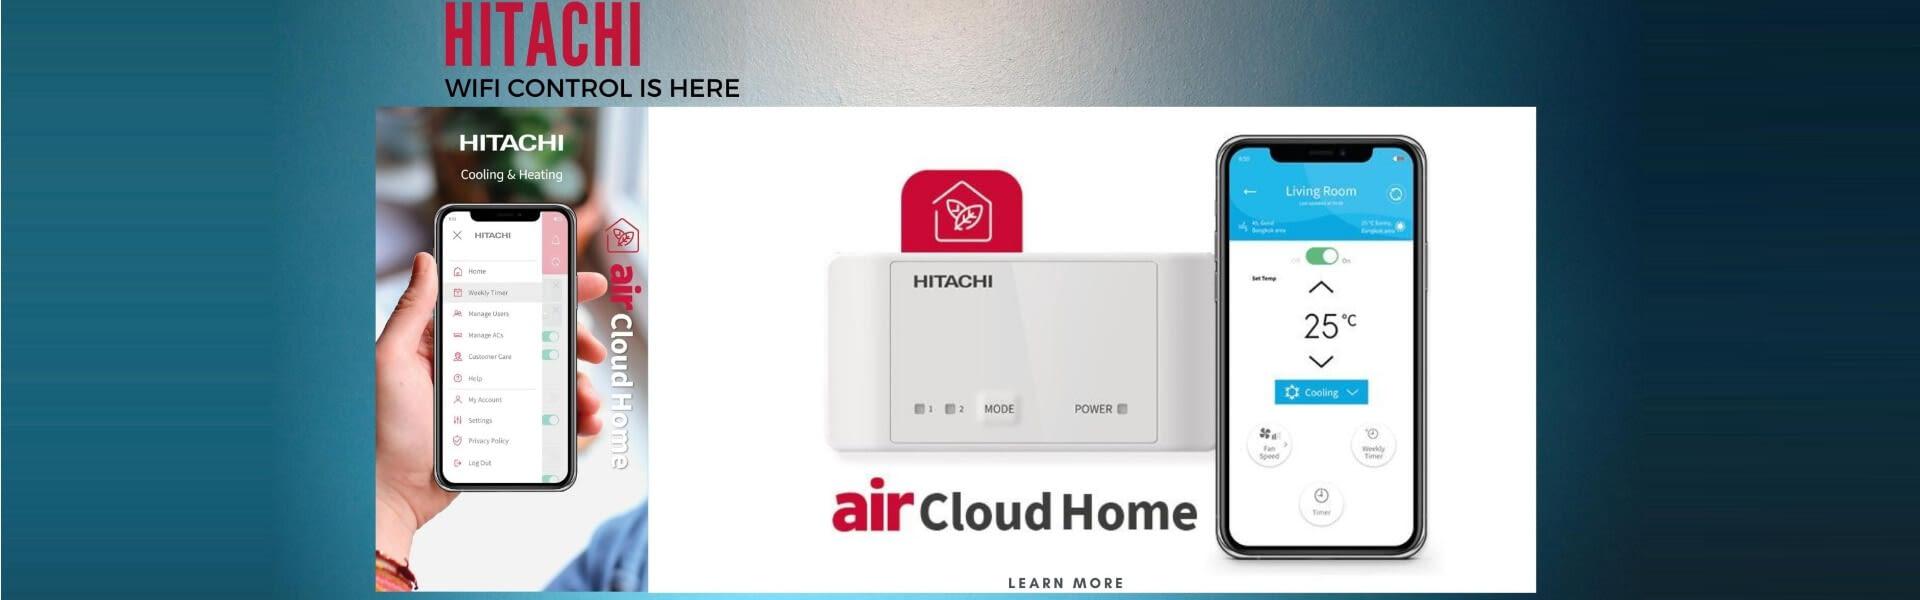 airCloud Adapter